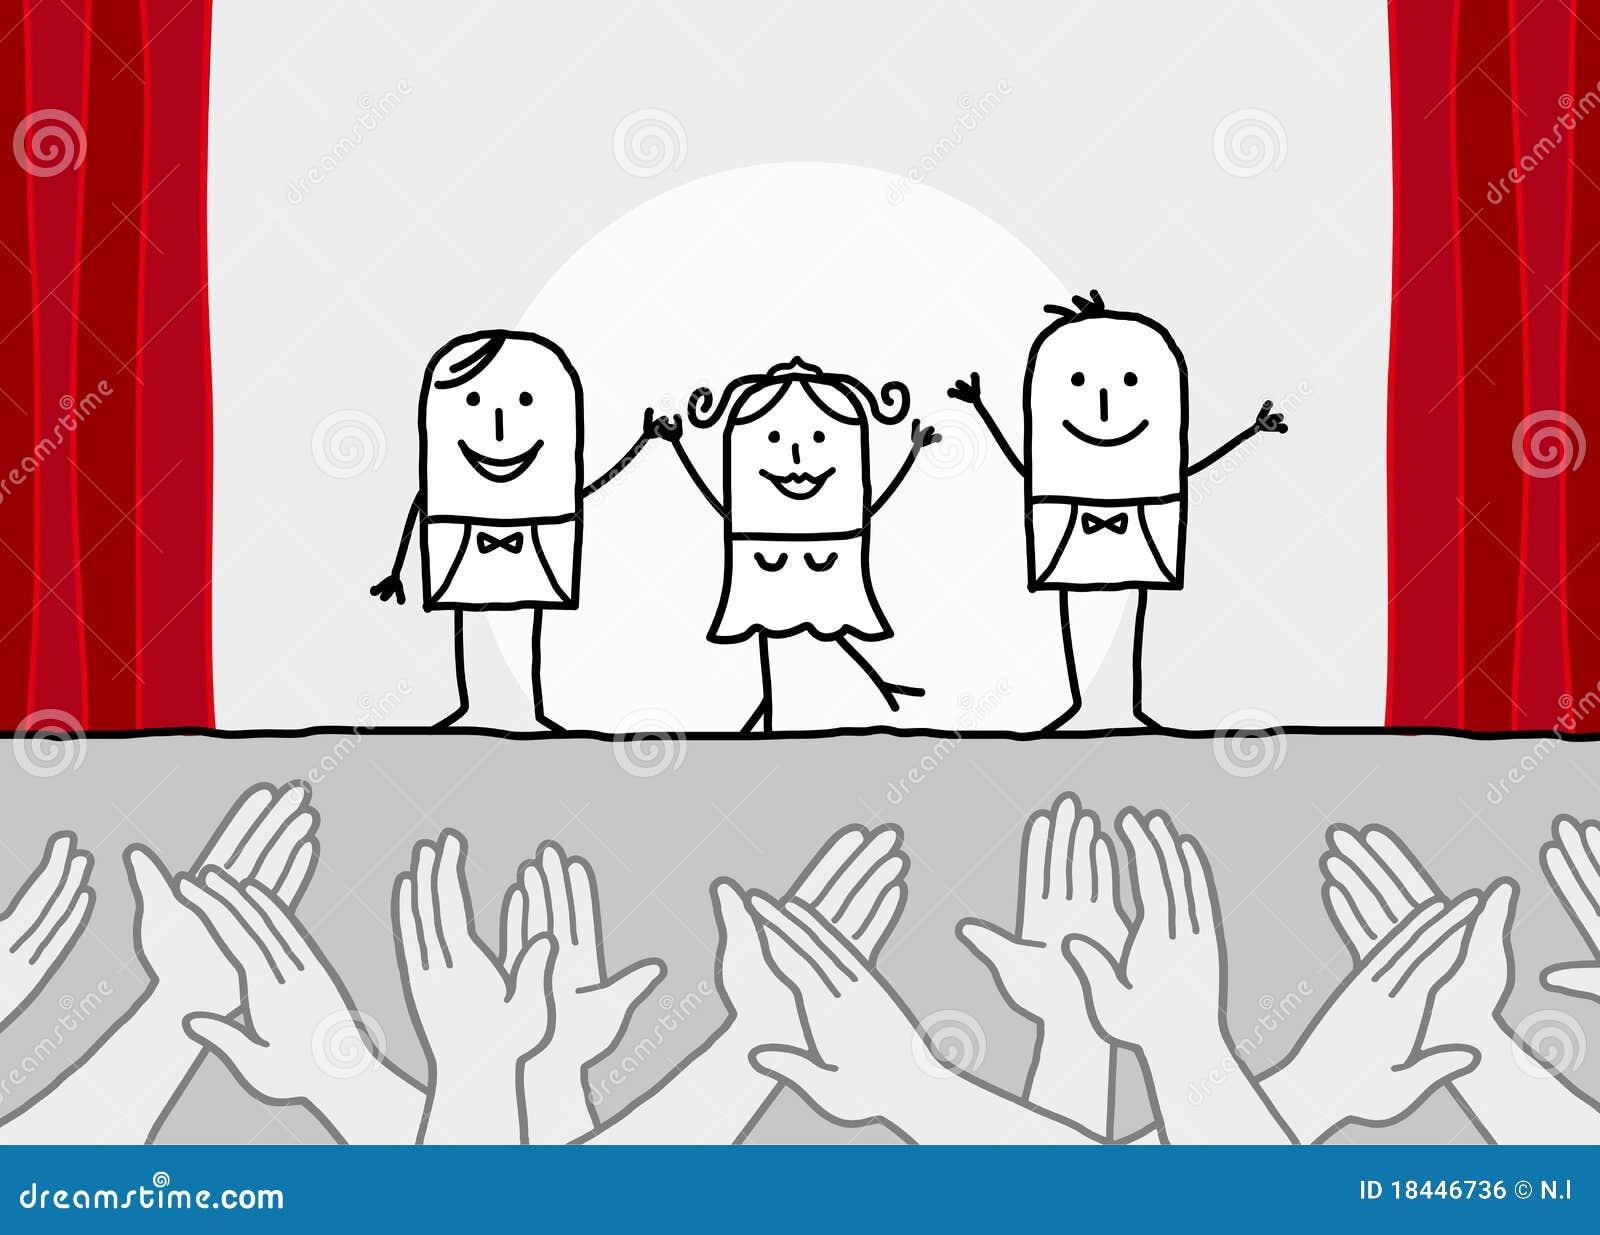 exposition de th tre et mains de applaudissement image libre de droits image 18446736. Black Bedroom Furniture Sets. Home Design Ideas